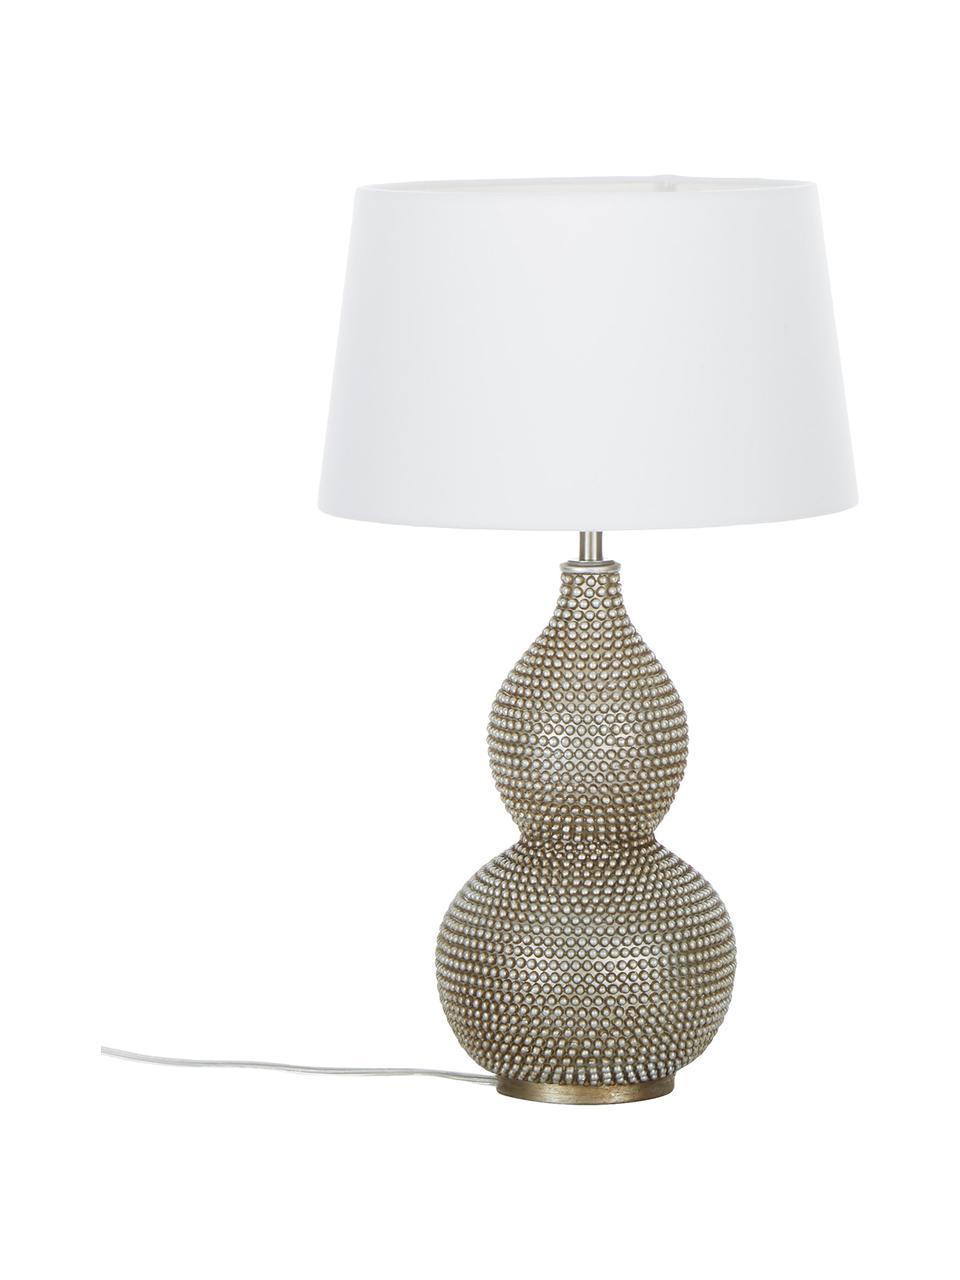 Grote tafellamp Lofty met antieke afwerking, Lampvoet: gecoat metaal, Lampenkap: polyester, Wit, Ø 33 x H 58 cm